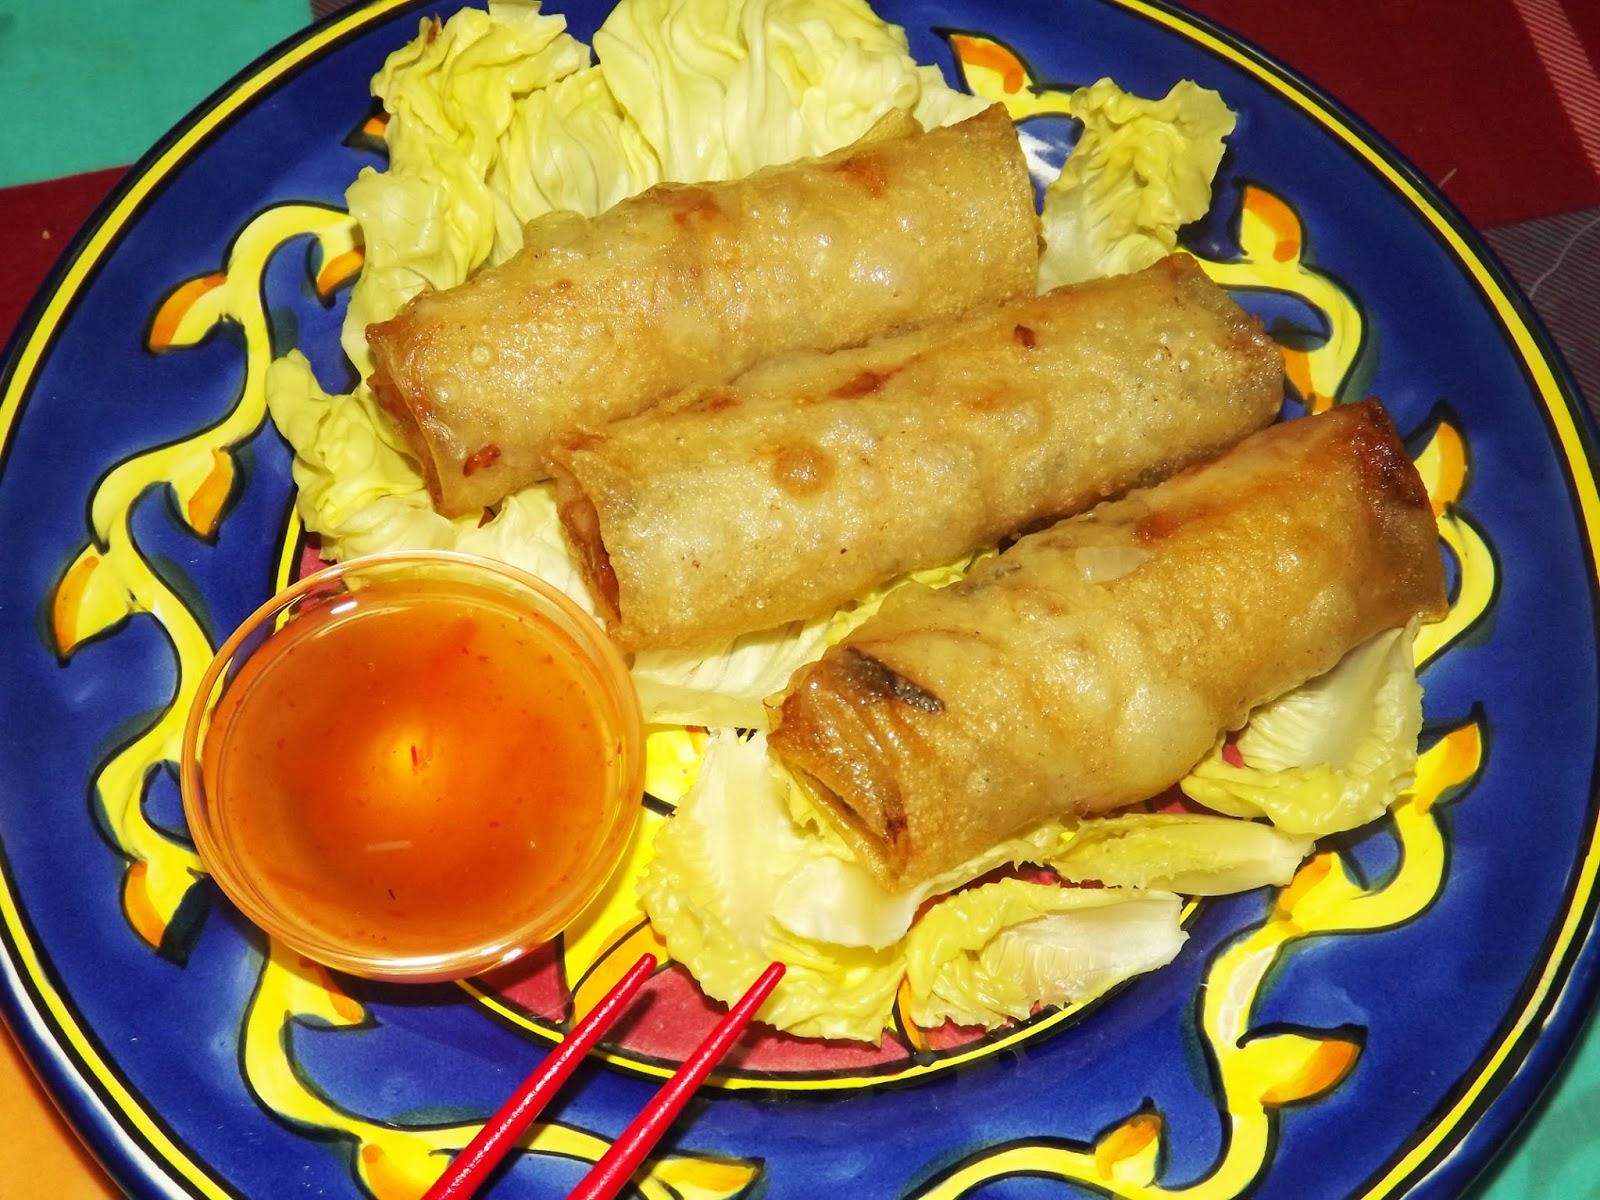 Gourmand gourmet nems vietnamiens au boeuf Nems vietnamiens